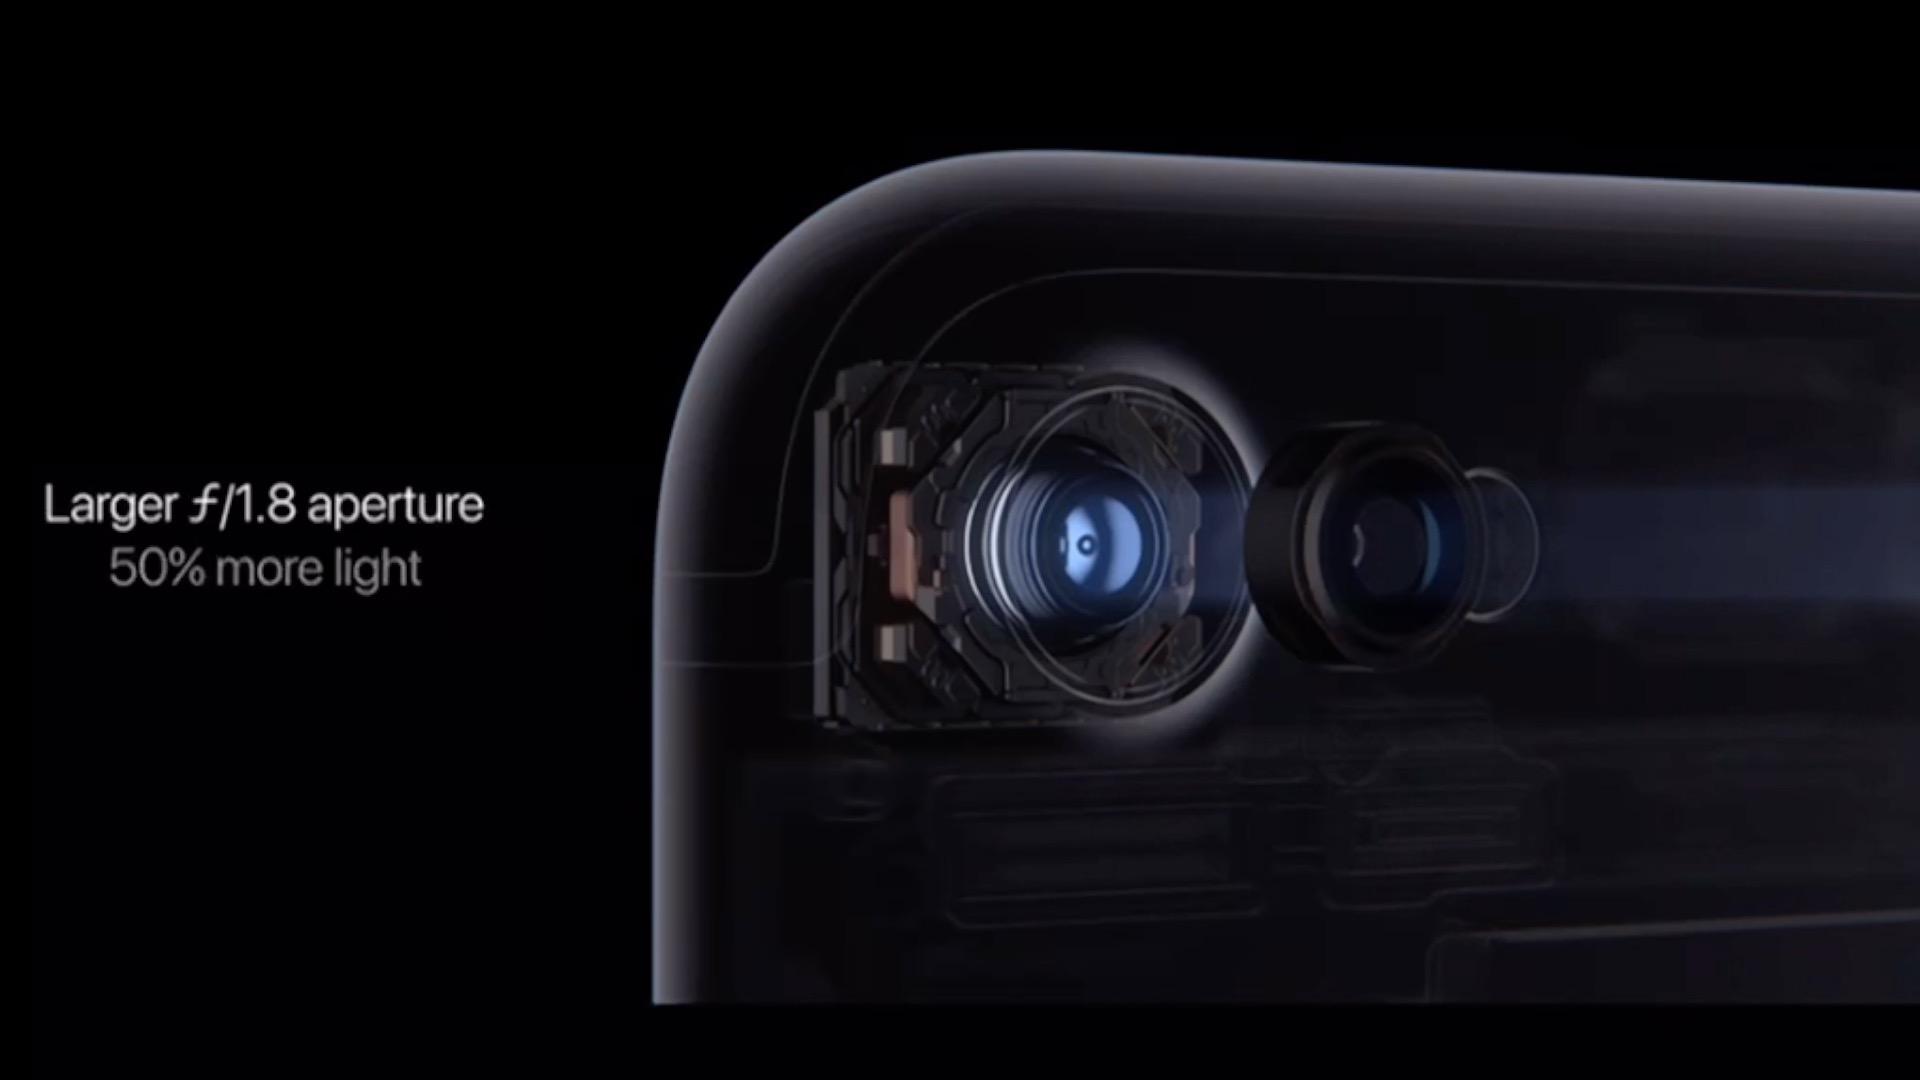 iphone-7-plus-f1-8-aperture